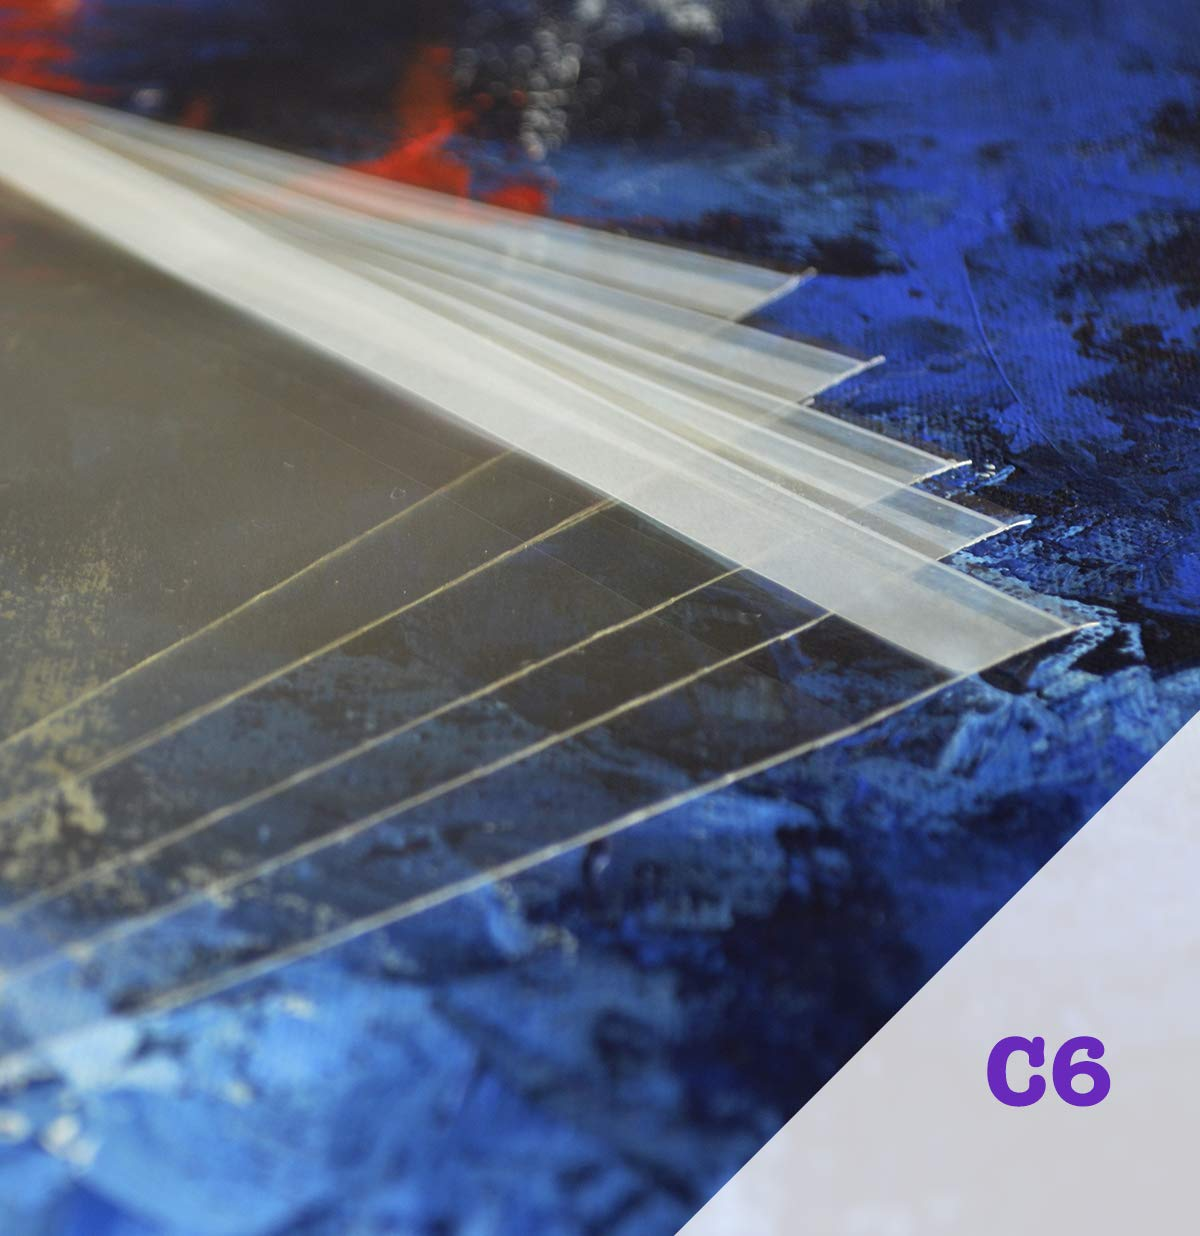 Bolsas de celofán A6 de Acryls, Paquete de 100 Unidades, Transparentes y de Buen Grosor, Ajuste Obras de Arte y Fotos A6, Hace Que tu Trabajo se ...